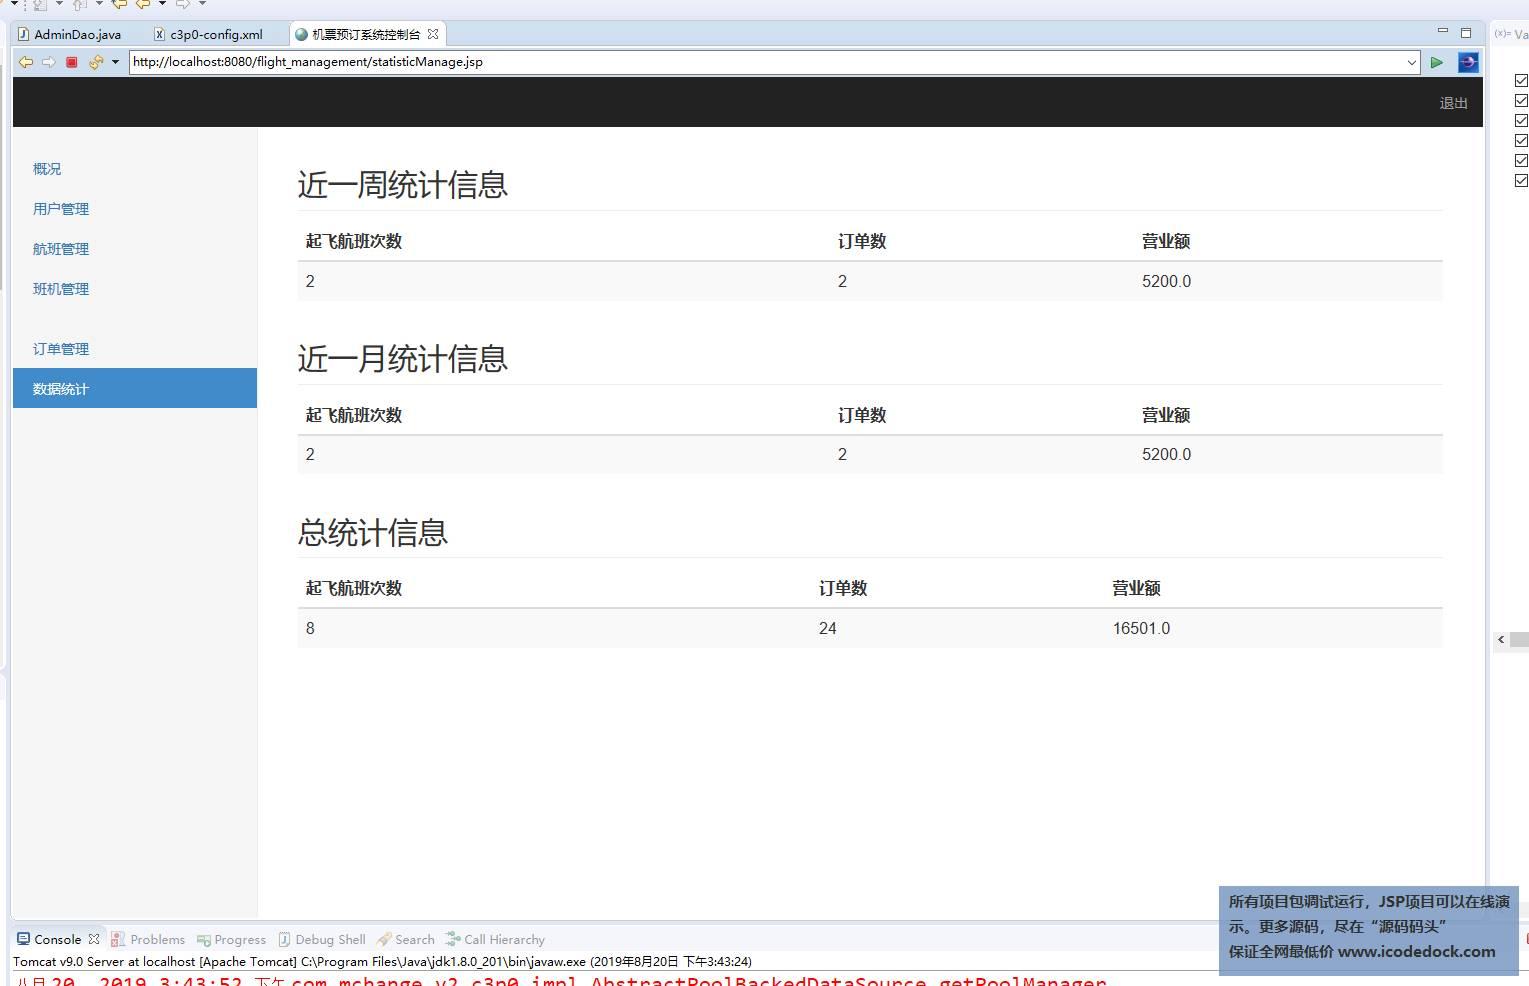 源码码头-JSP航班机票销售管理系统-管理员角色-数据统计